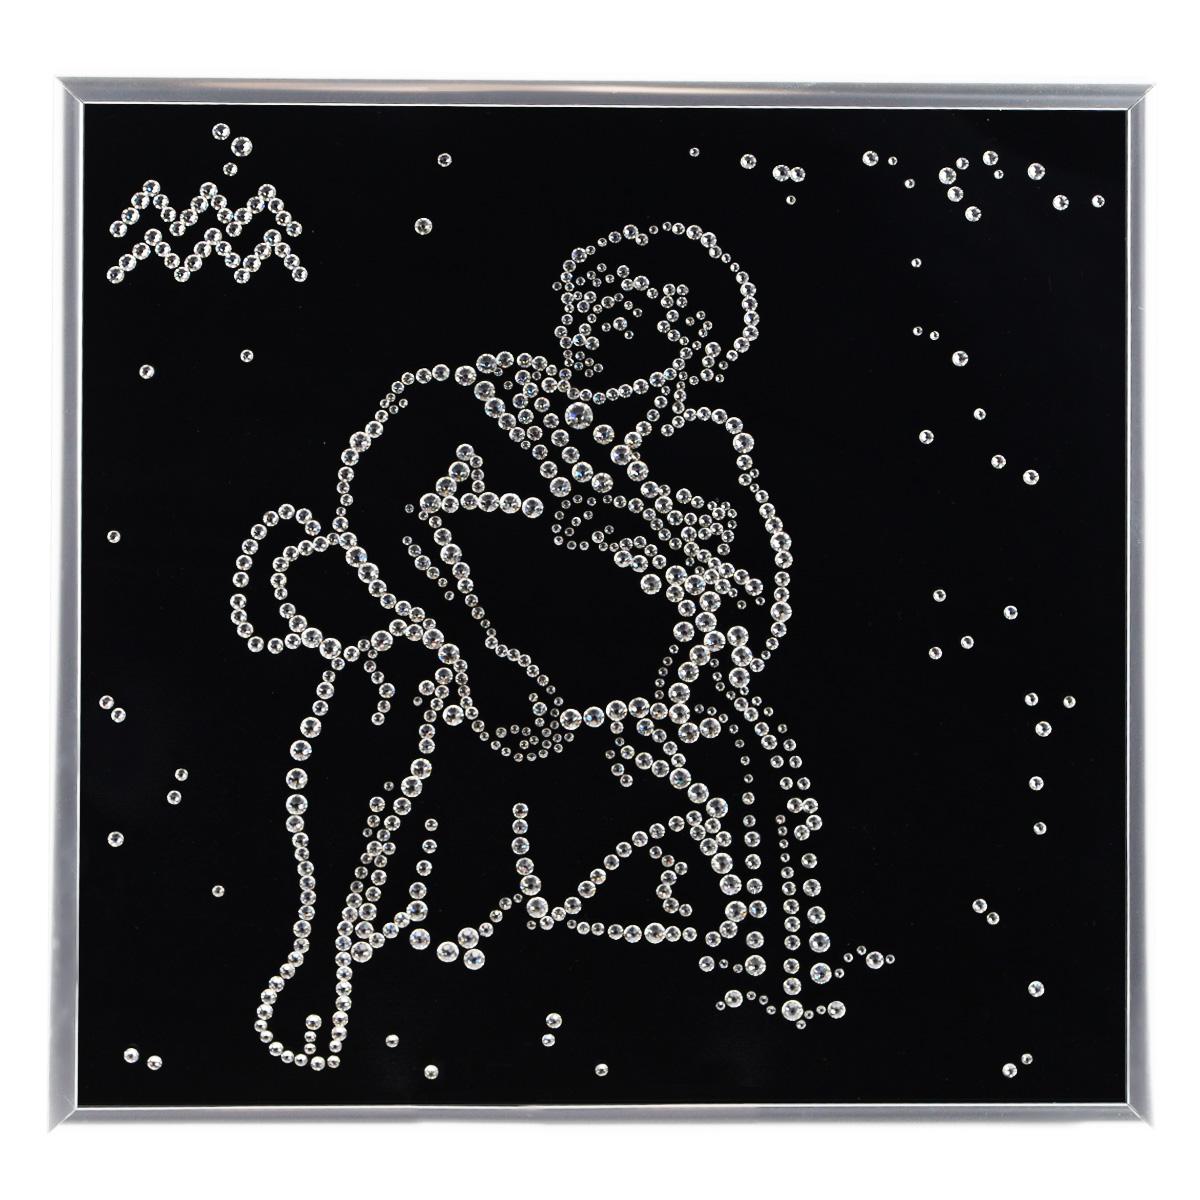 Картина с кристаллами Swarovski Знак зодиака. Водолей, 26 см х 26 смIDEA CT3-11Изящная картина в металлической раме, инкрустирована кристаллами Swarovski в виде знака зодиака - водолей. Кристаллы Swarovski отличаются четкой и ровной огранкой, ярким блеском и чистотой цвета. Под стеклом картина оформлена бархатистой тканью, что прекрасно дополняет блеск кристаллов. С обратной стороны имеется металлическая петелька для размещения картины на стене. Картина с кристаллами Swarovski Знак зодиака. Водолей элегантно украсит интерьер дома или офиса, а также станет прекрасным подарком, который обязательно понравится получателю. Блеск кристаллов в интерьере, что может быть сказочнее и удивительнее. Картина упакована в подарочную картонную коробку синего цвета и комплектуется сертификатом соответствия Swarovski.